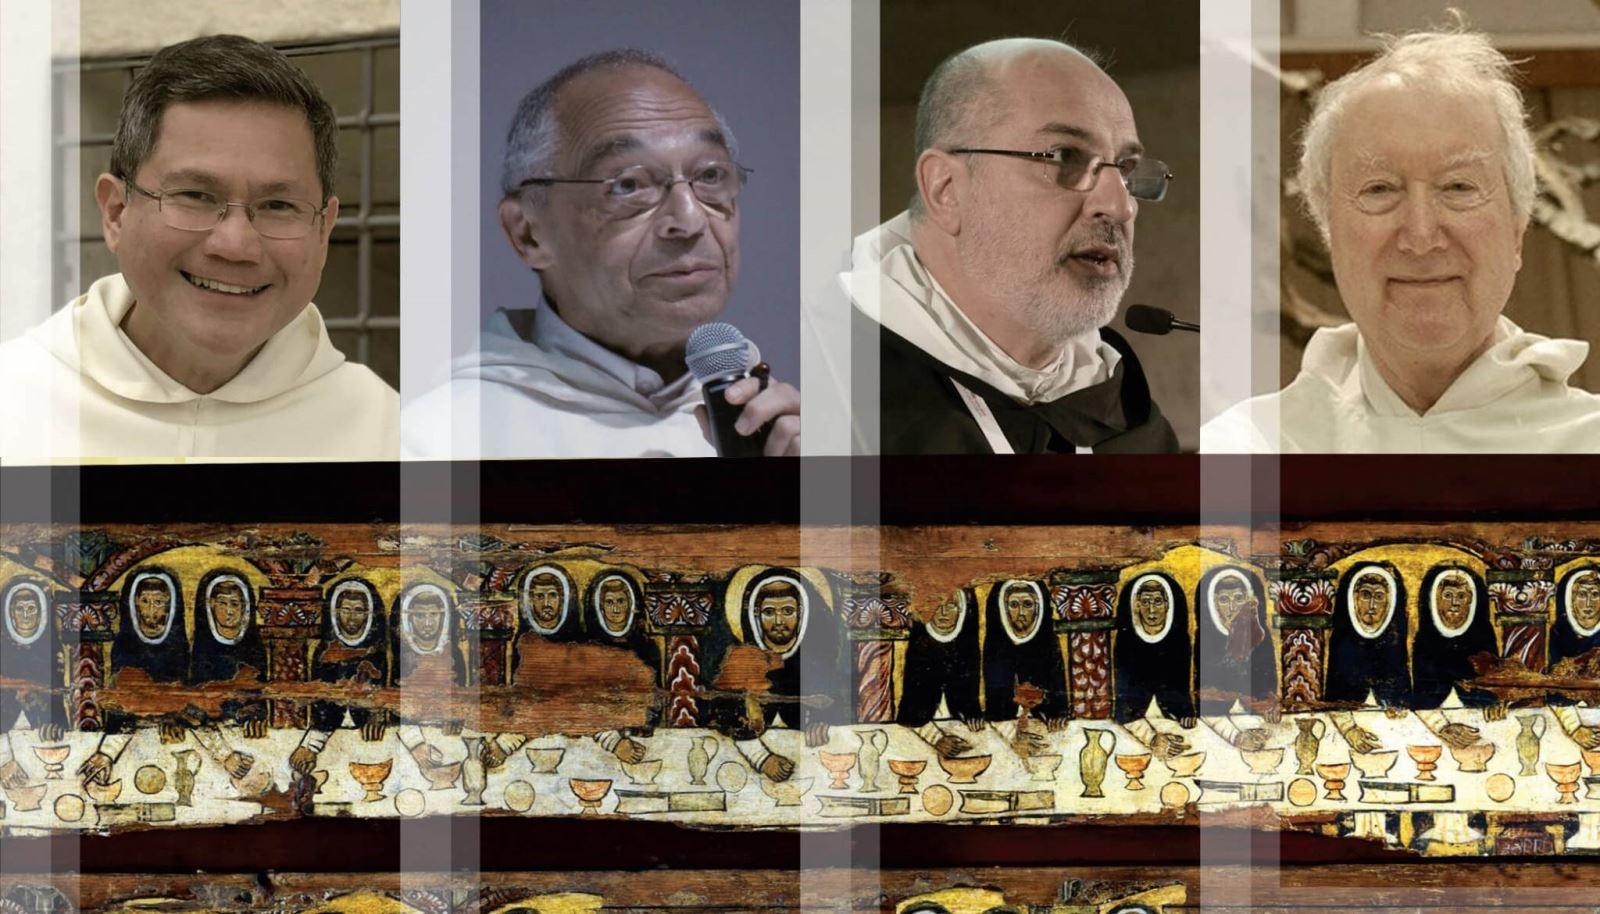 THƯ CỦA CHA BỀ TRÊN TỔNG QUYỀN GERARD F.TIMONER,OP.  Dịp Kỷ niệm 800 năm Các Tổng hội đầu tiên của Dòng (1220, 1221)- Phần 1